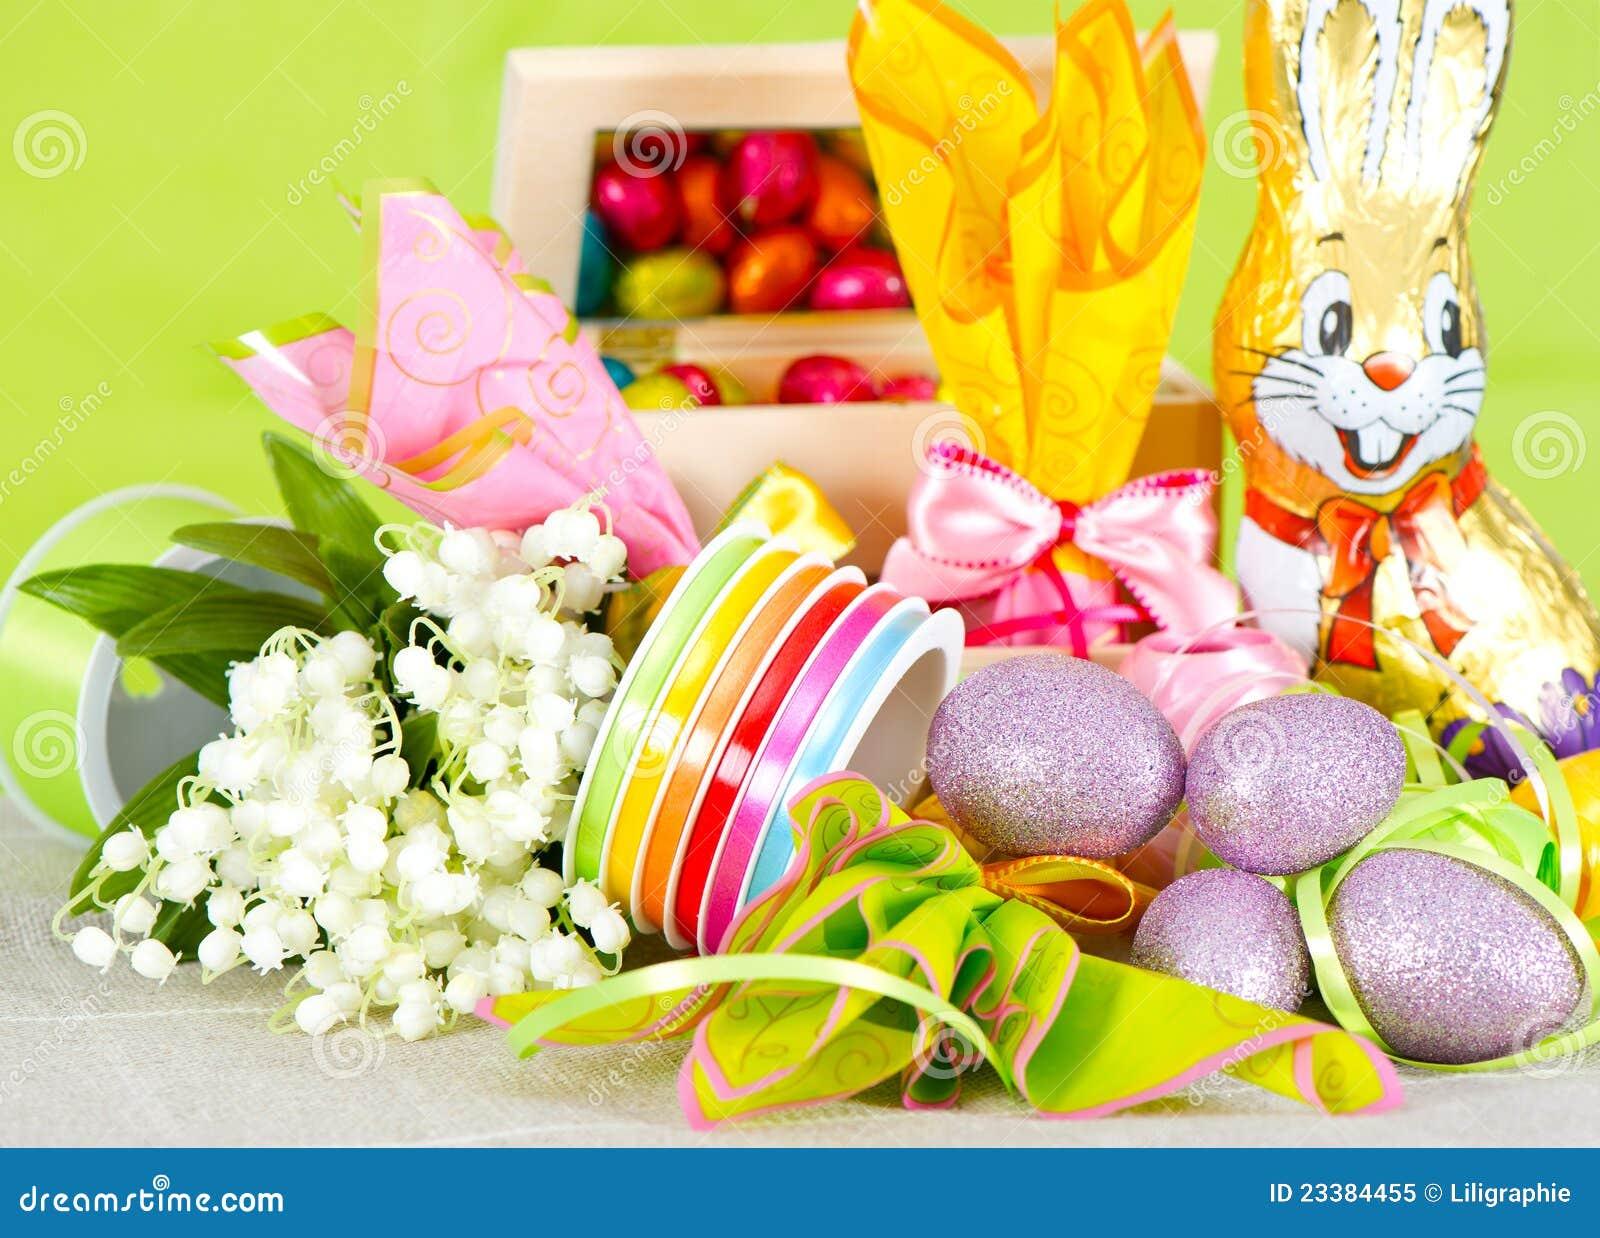 Ostern dekoration eier und blumen lizenzfreies stockfoto for Dekoration ostern